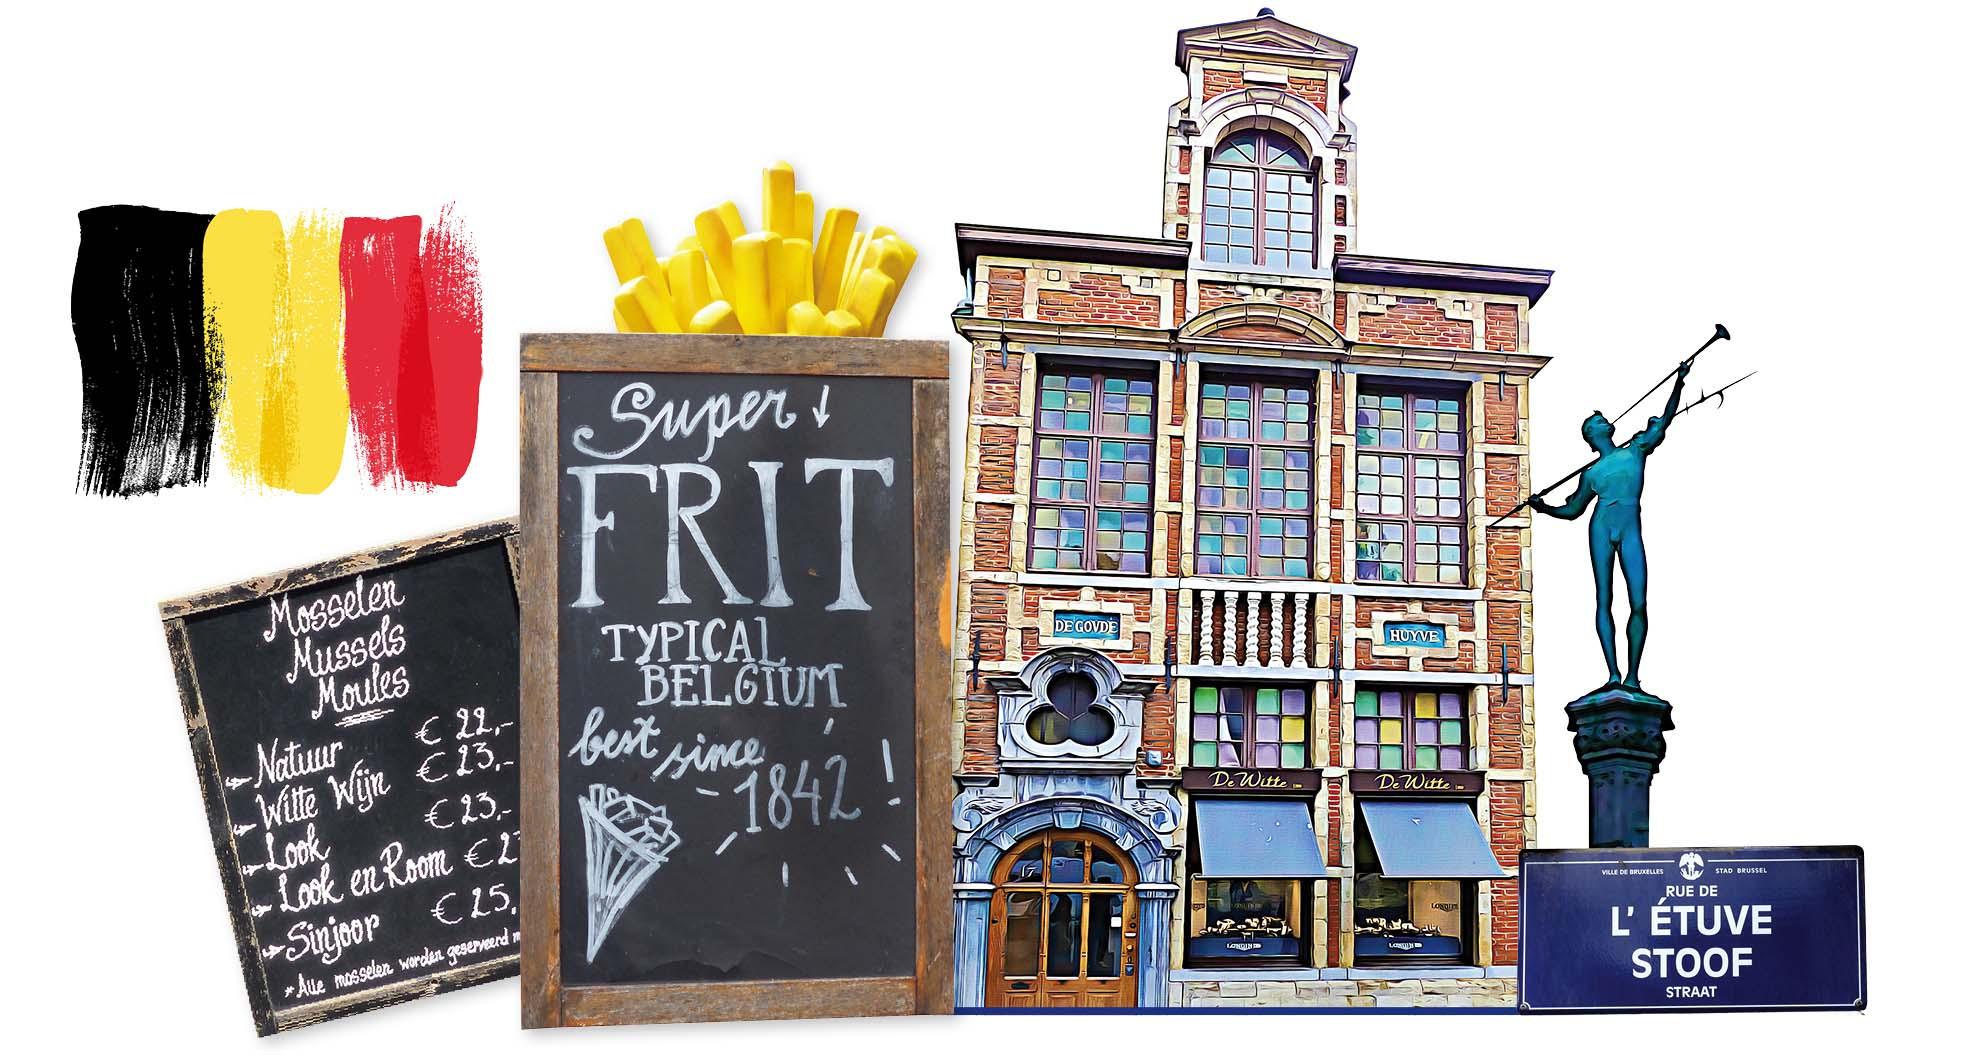 Bruxelles, europe, Belgique, statue, frites, bâtiment, menu, drapeau, straat